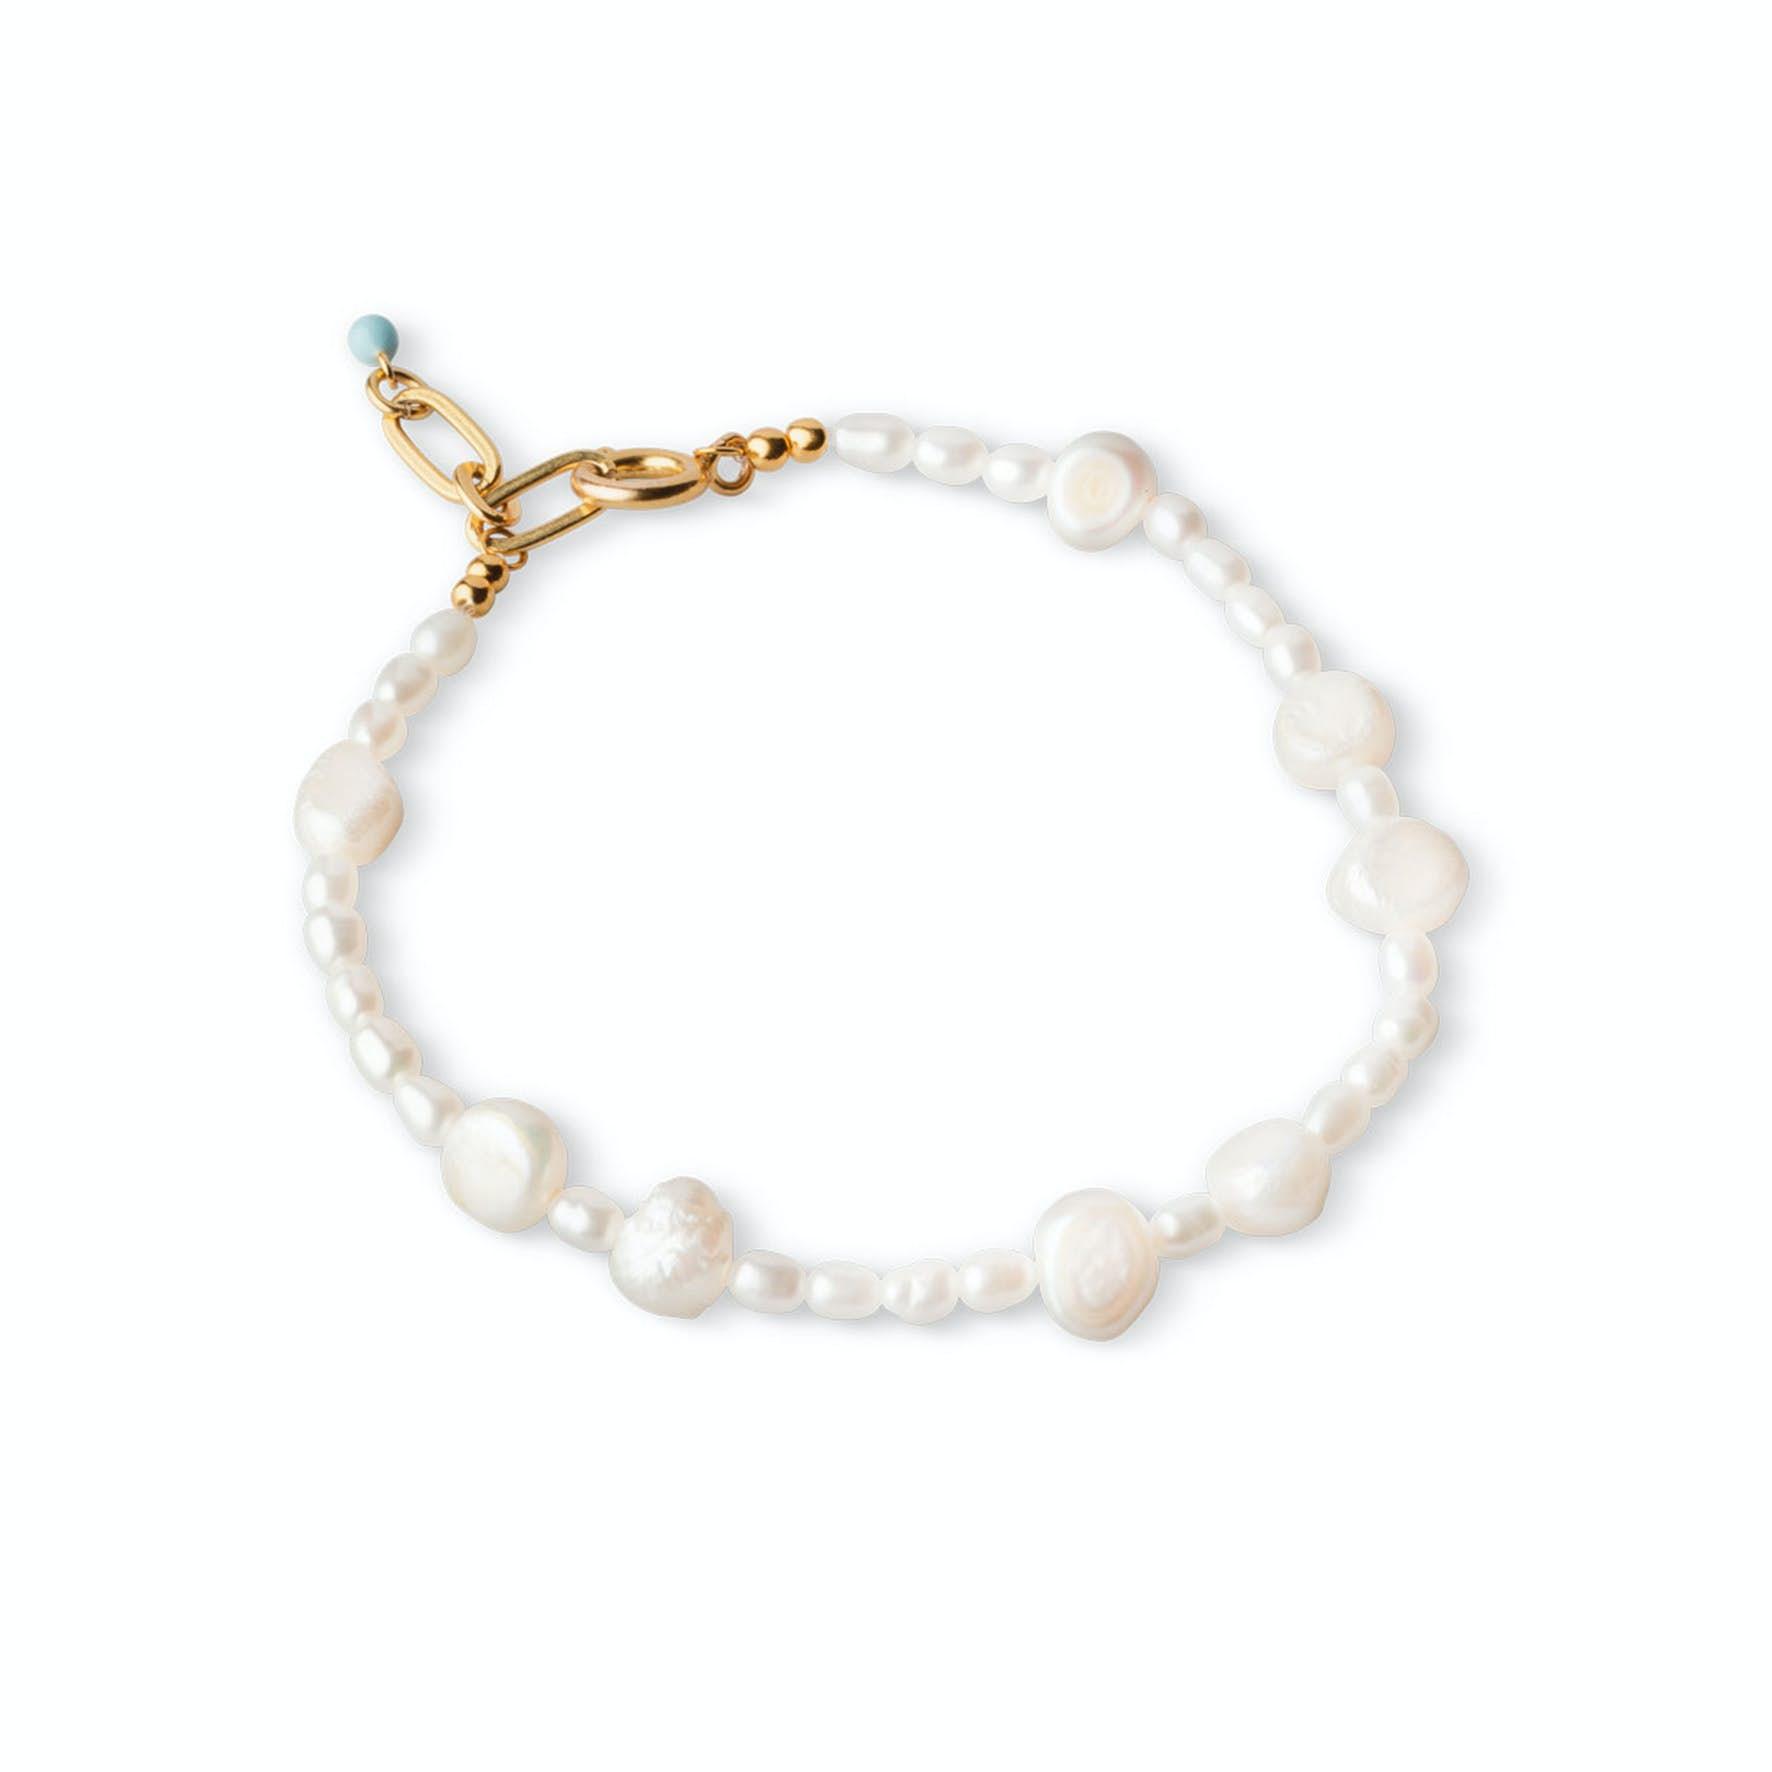 Pearlie Bracelet fra Enamel Copenhagen i Forgylt-Sølv Sterling 925